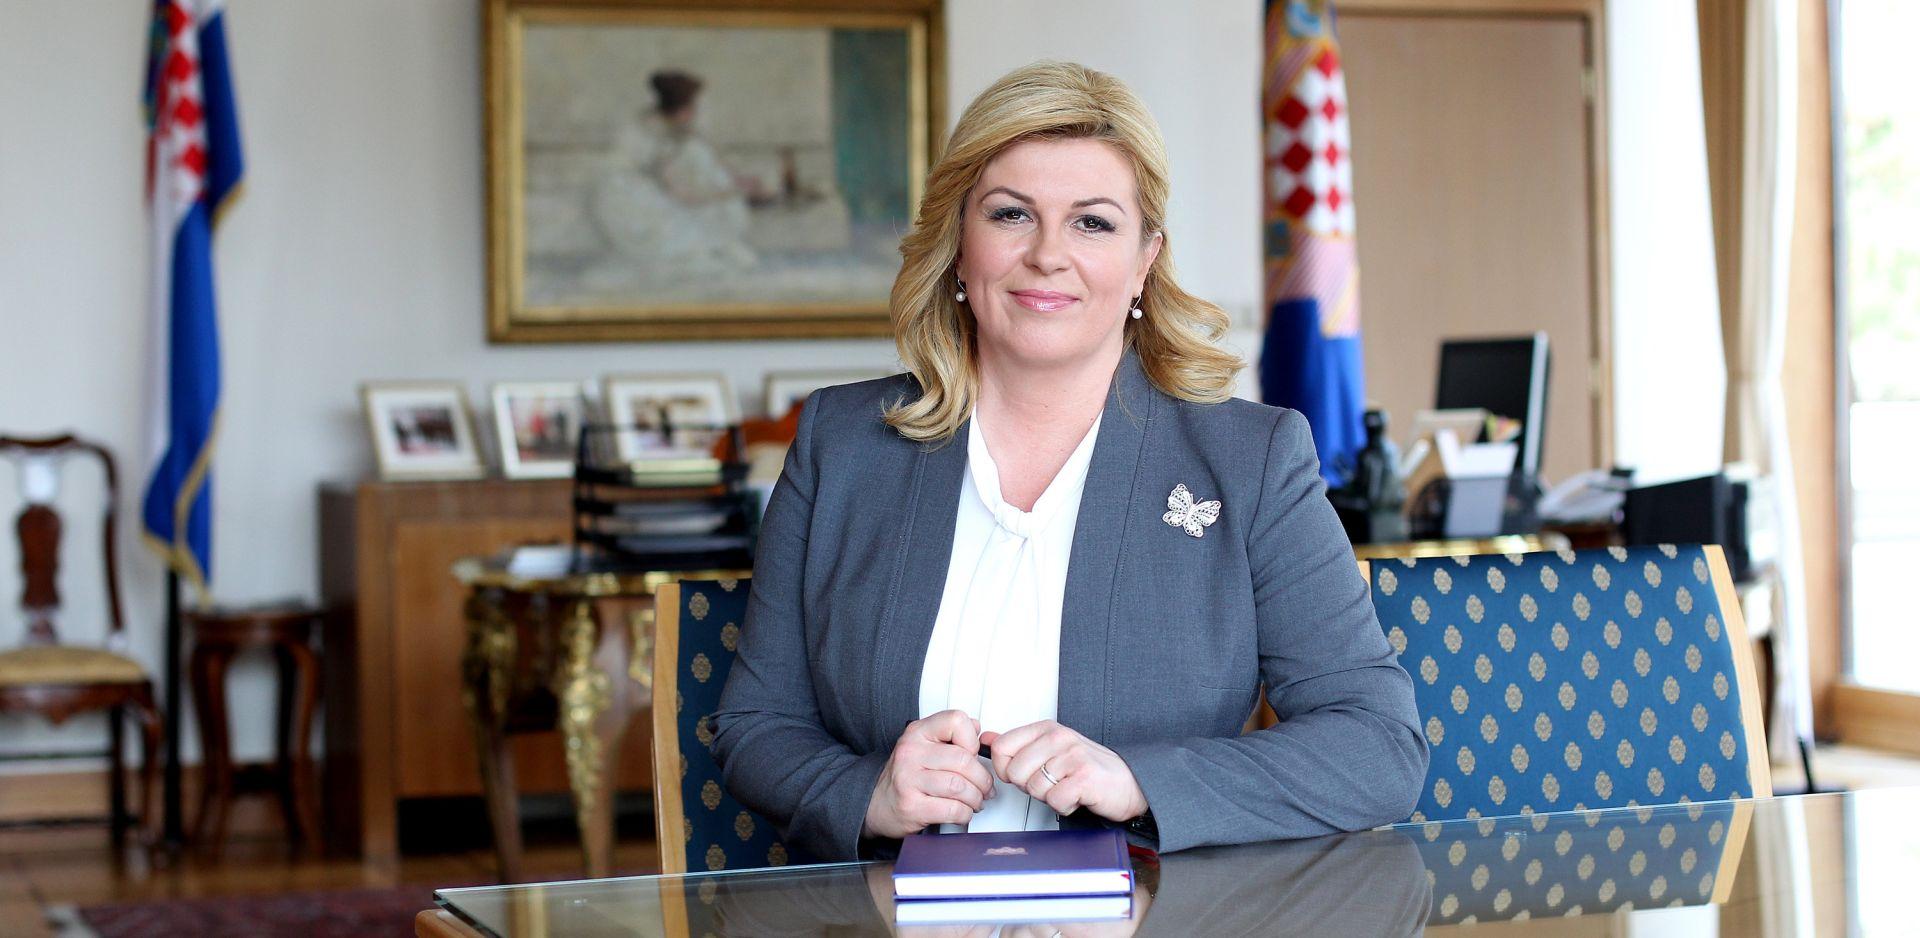 Grabar-Kitarović: Veleposlanici se u načelu ne smiju miješati u unutarnja pitanja